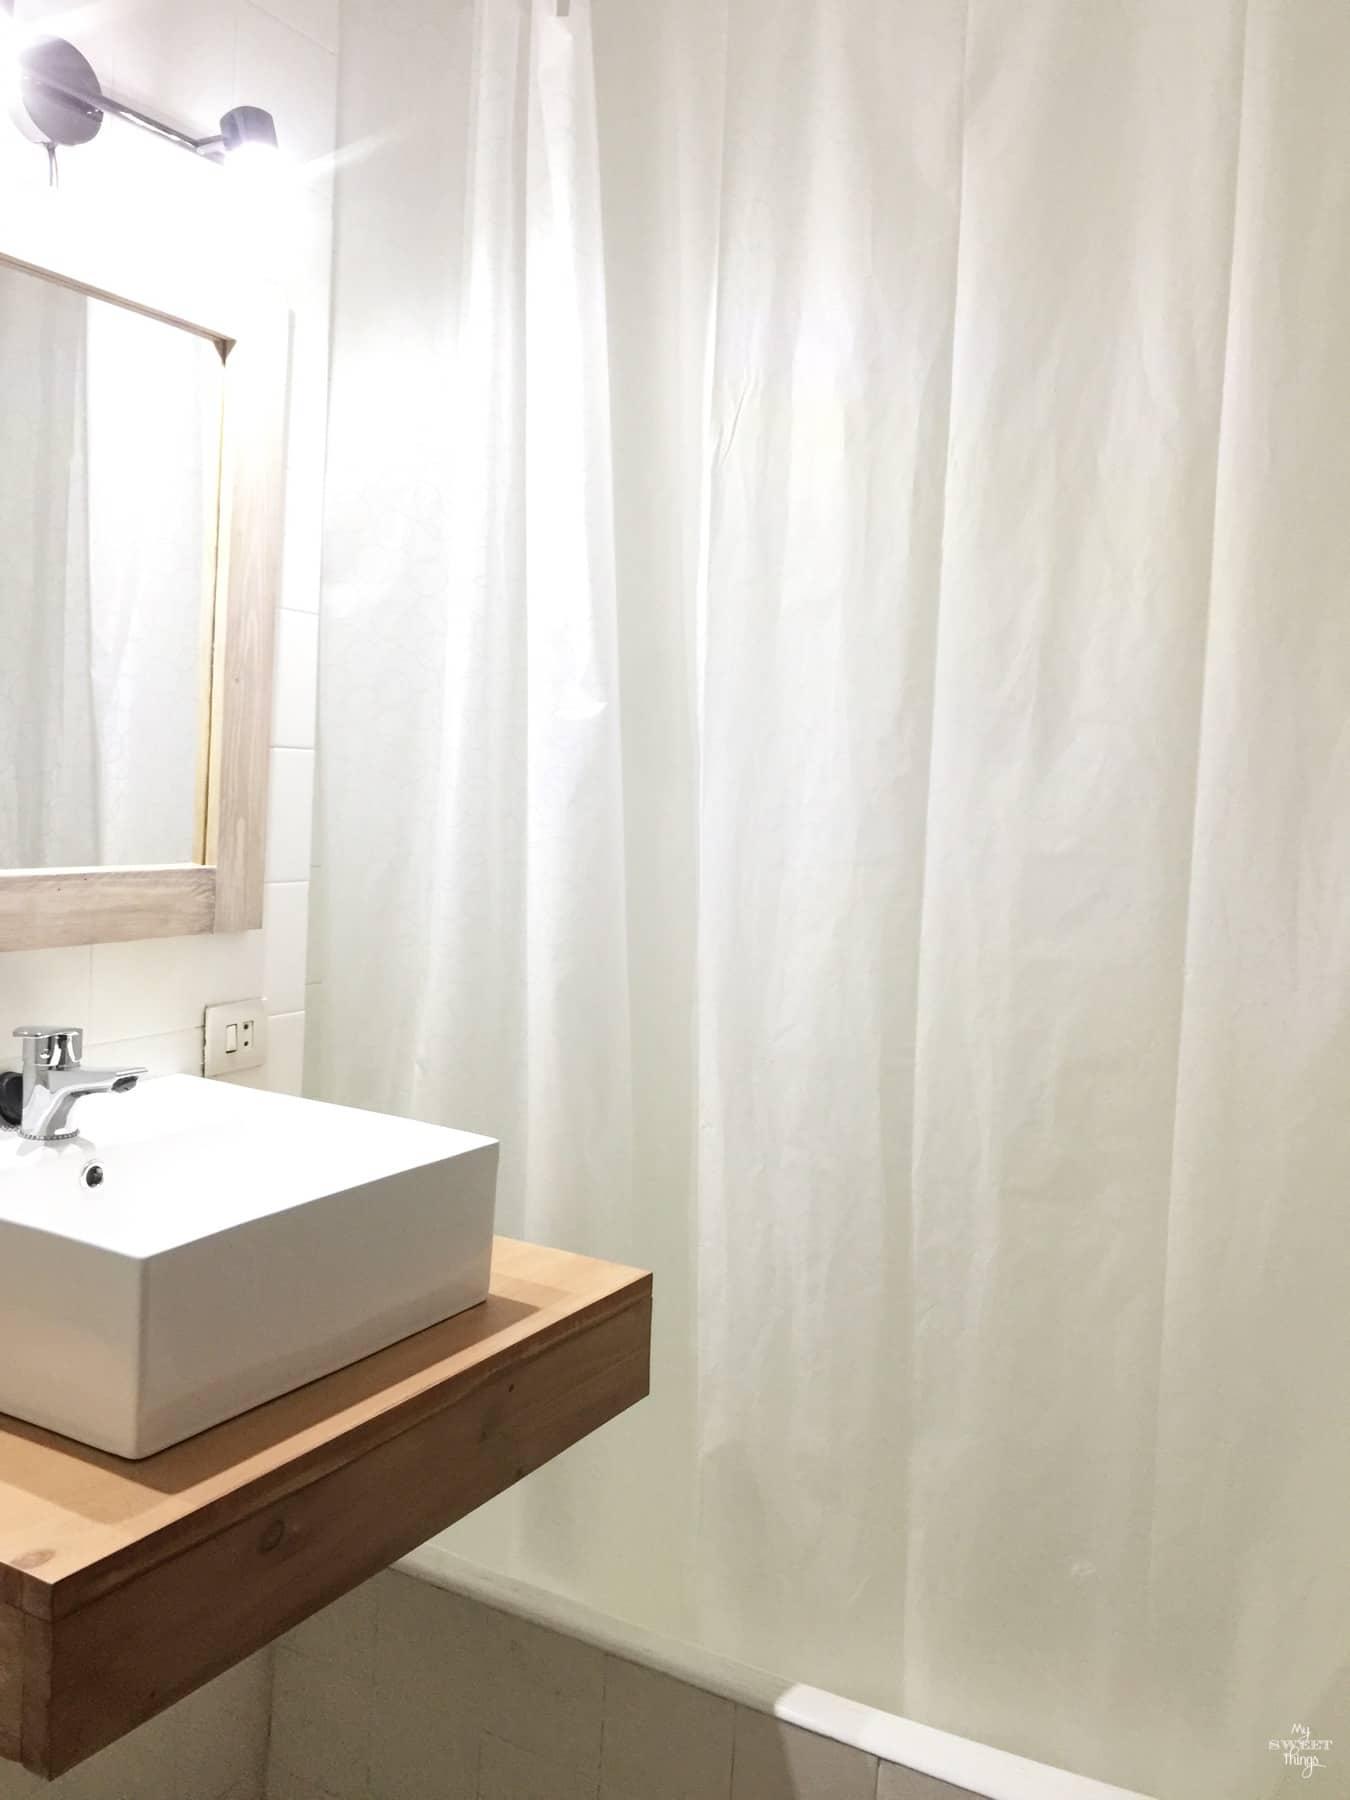 Reformar Un Bano Sin Obras - Diseños Arquitectónicos - Mimasku.com